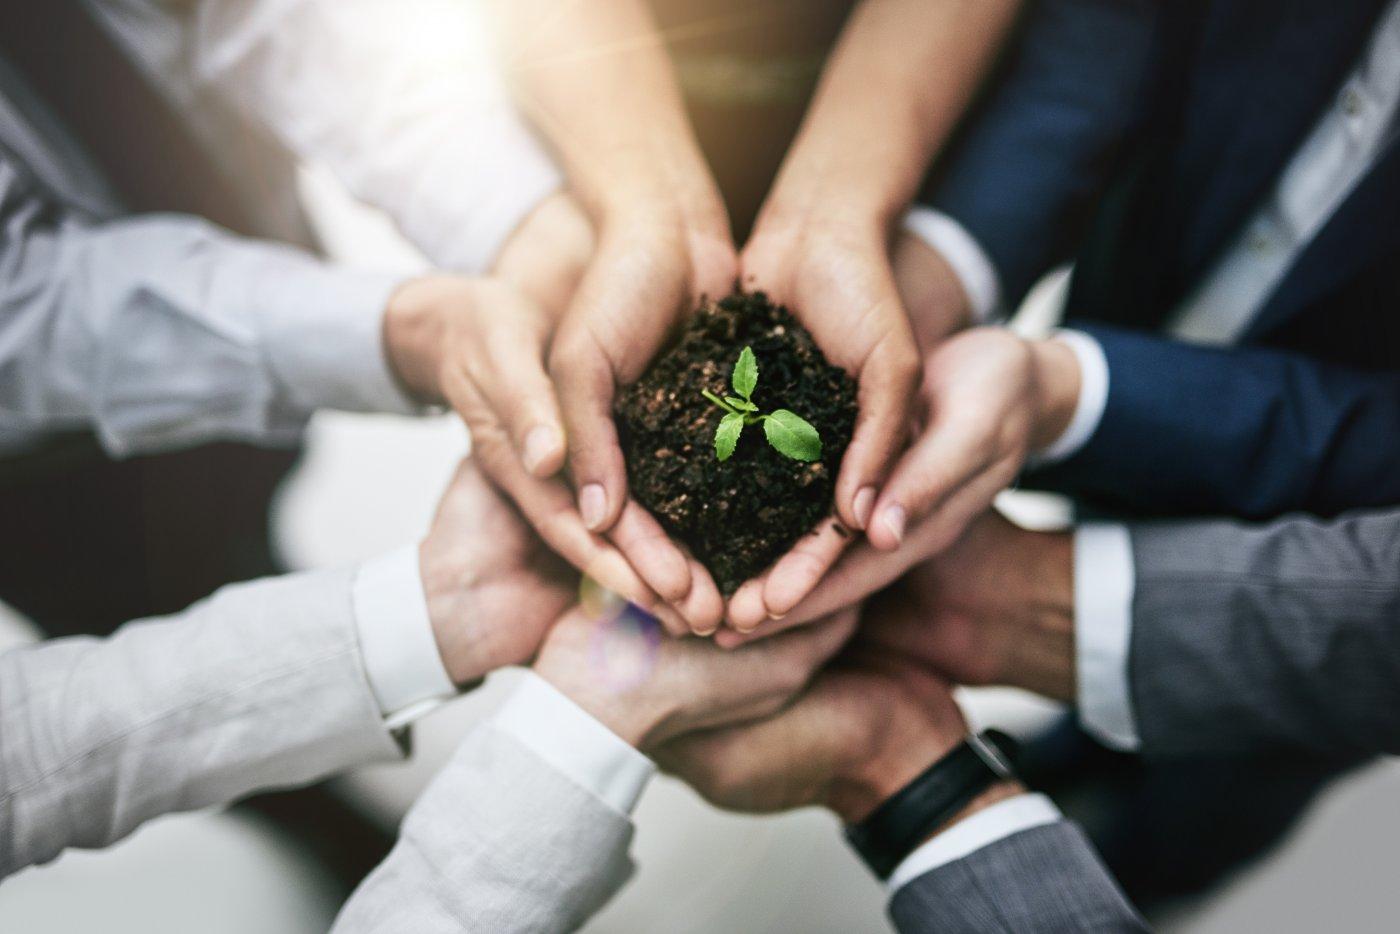 empresa-cuidado-medioambiente-ecología-responsabilidad-social-corporativa